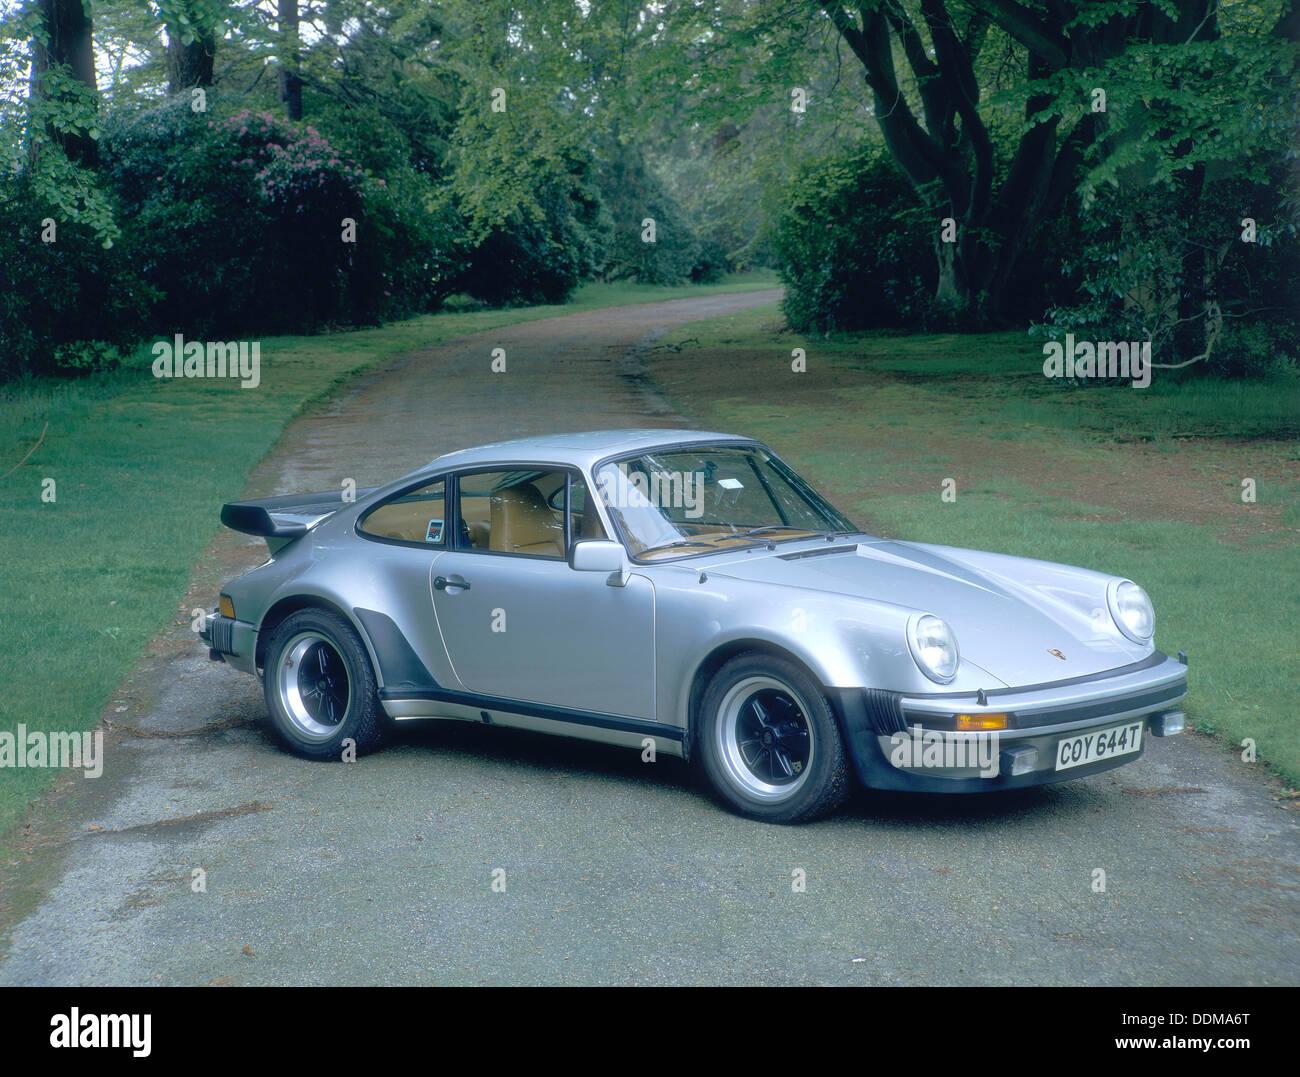 1979 Porsche 911 Turbo. - Stock Image